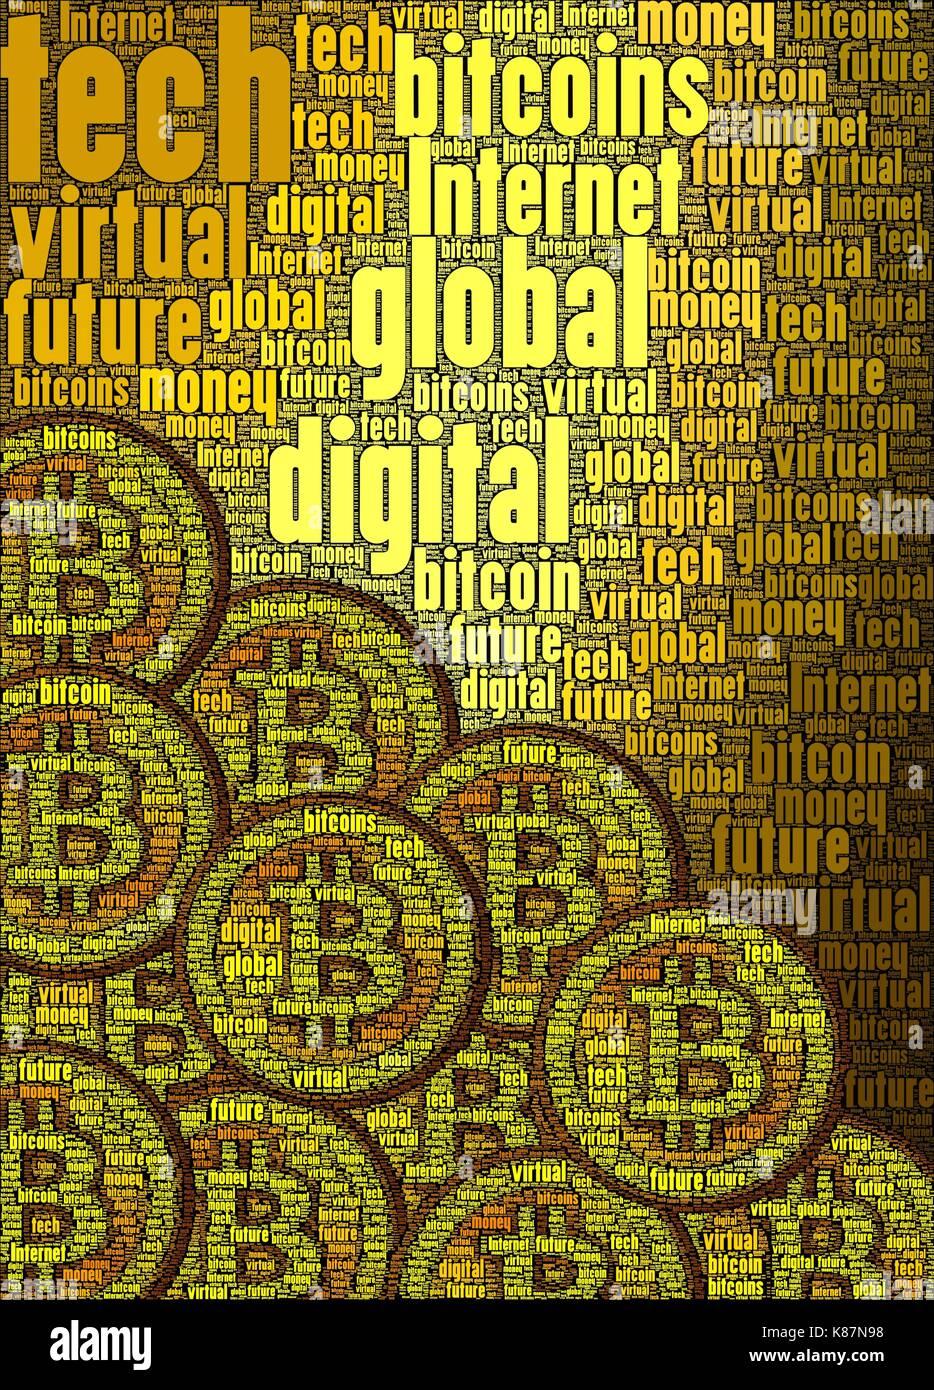 Bitcoin concept art realizzati utilizzando solo parole circa il soggetto, verticale. Immagini Stock